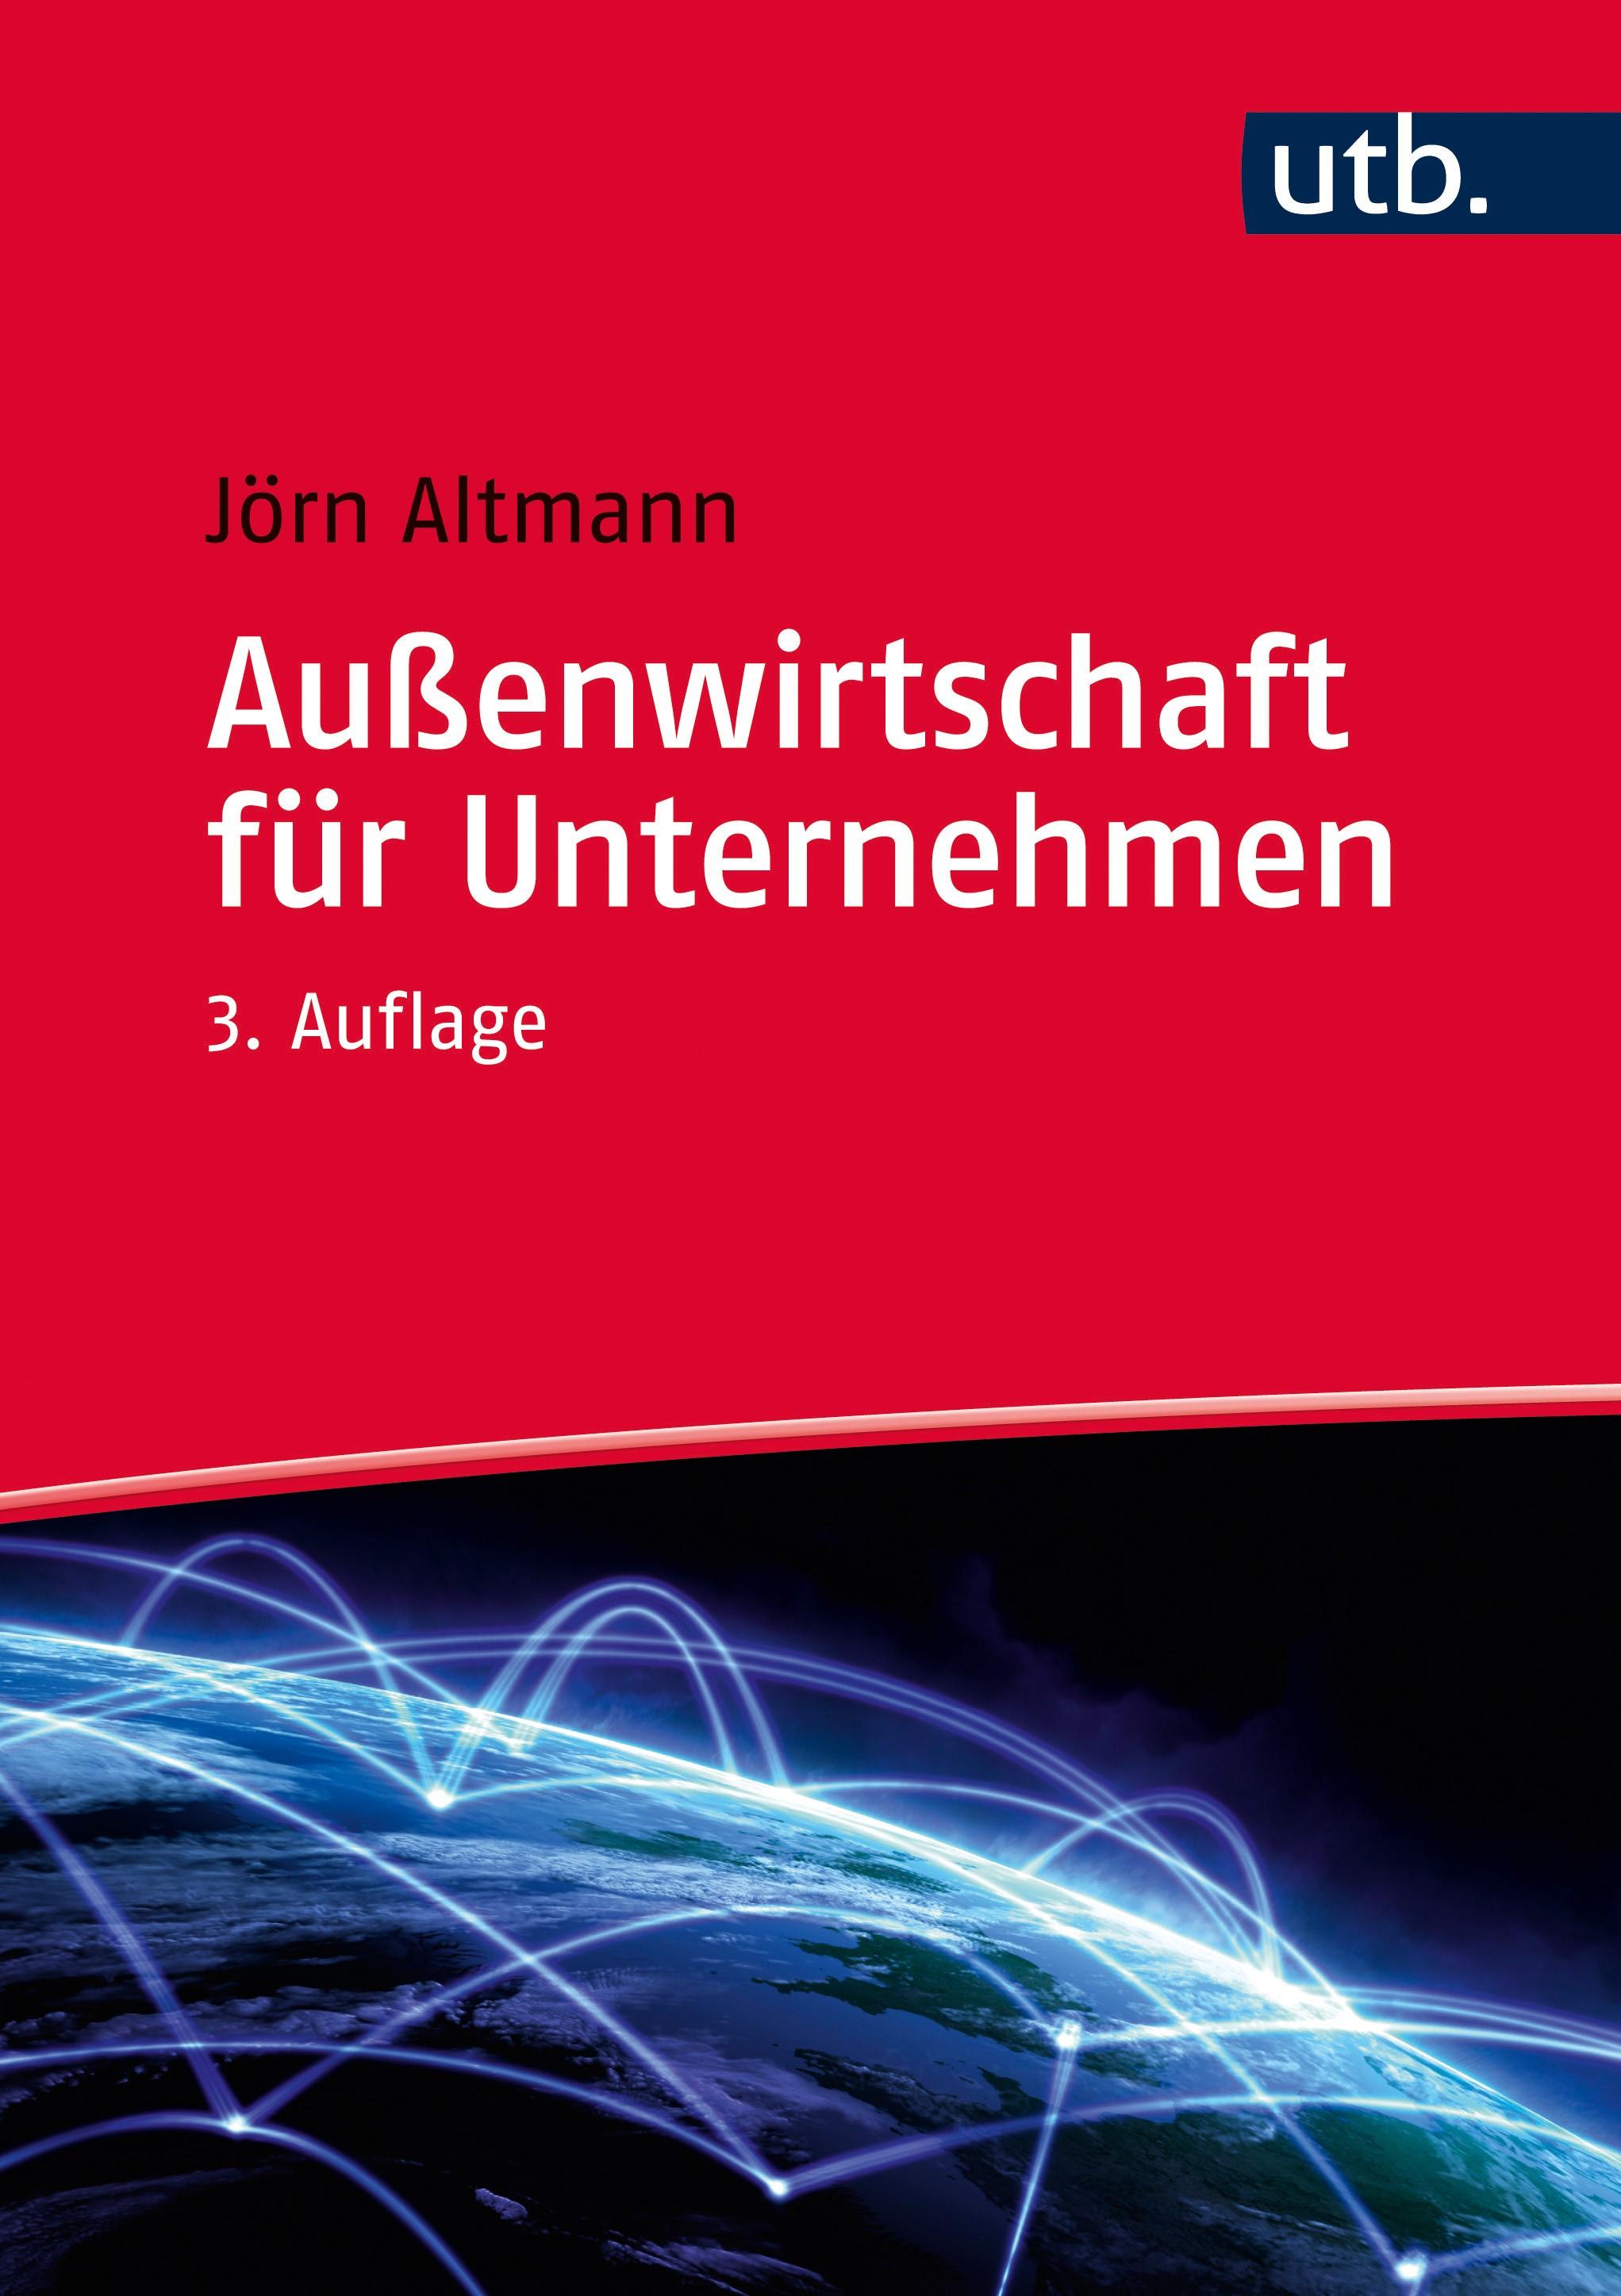 Außenwirtschaft für Unternehmen | Altmann | 3., überarbeitete und aktualisierte Auflage, 2017 | Buch (Cover)